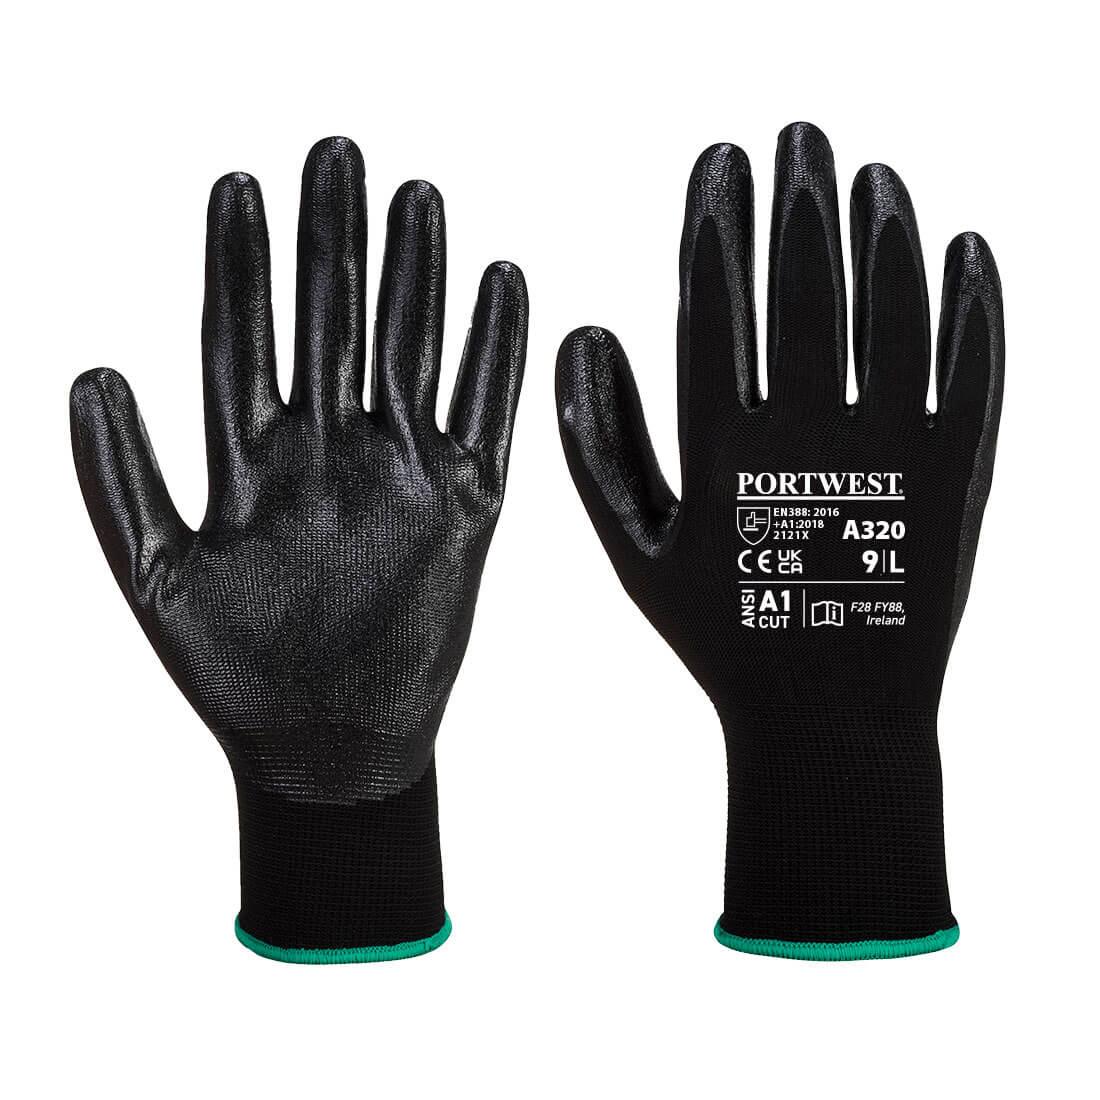 Dexti-Grip Glove, Black      Size Large R/Fit